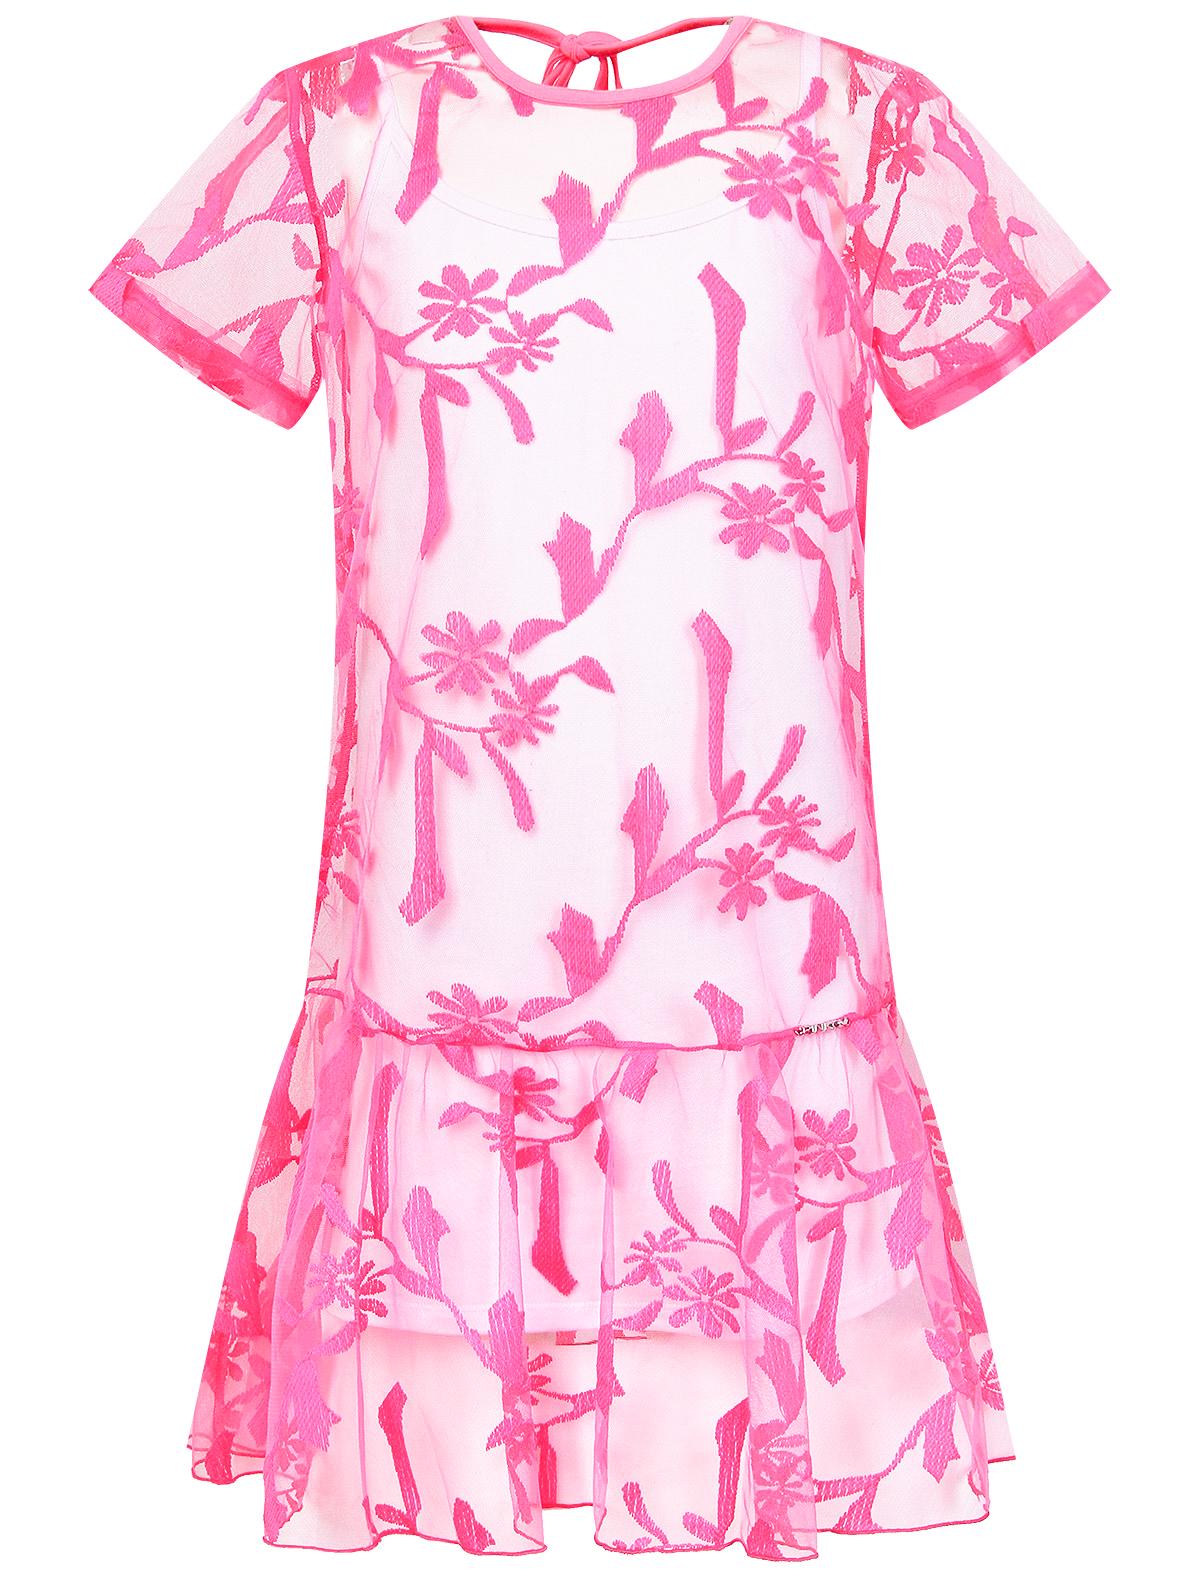 Купить Платье Pinko, 1054509070575, Розовый, Для девочки – цены в интернет-магазине детских товаров Даниэль - в Москве